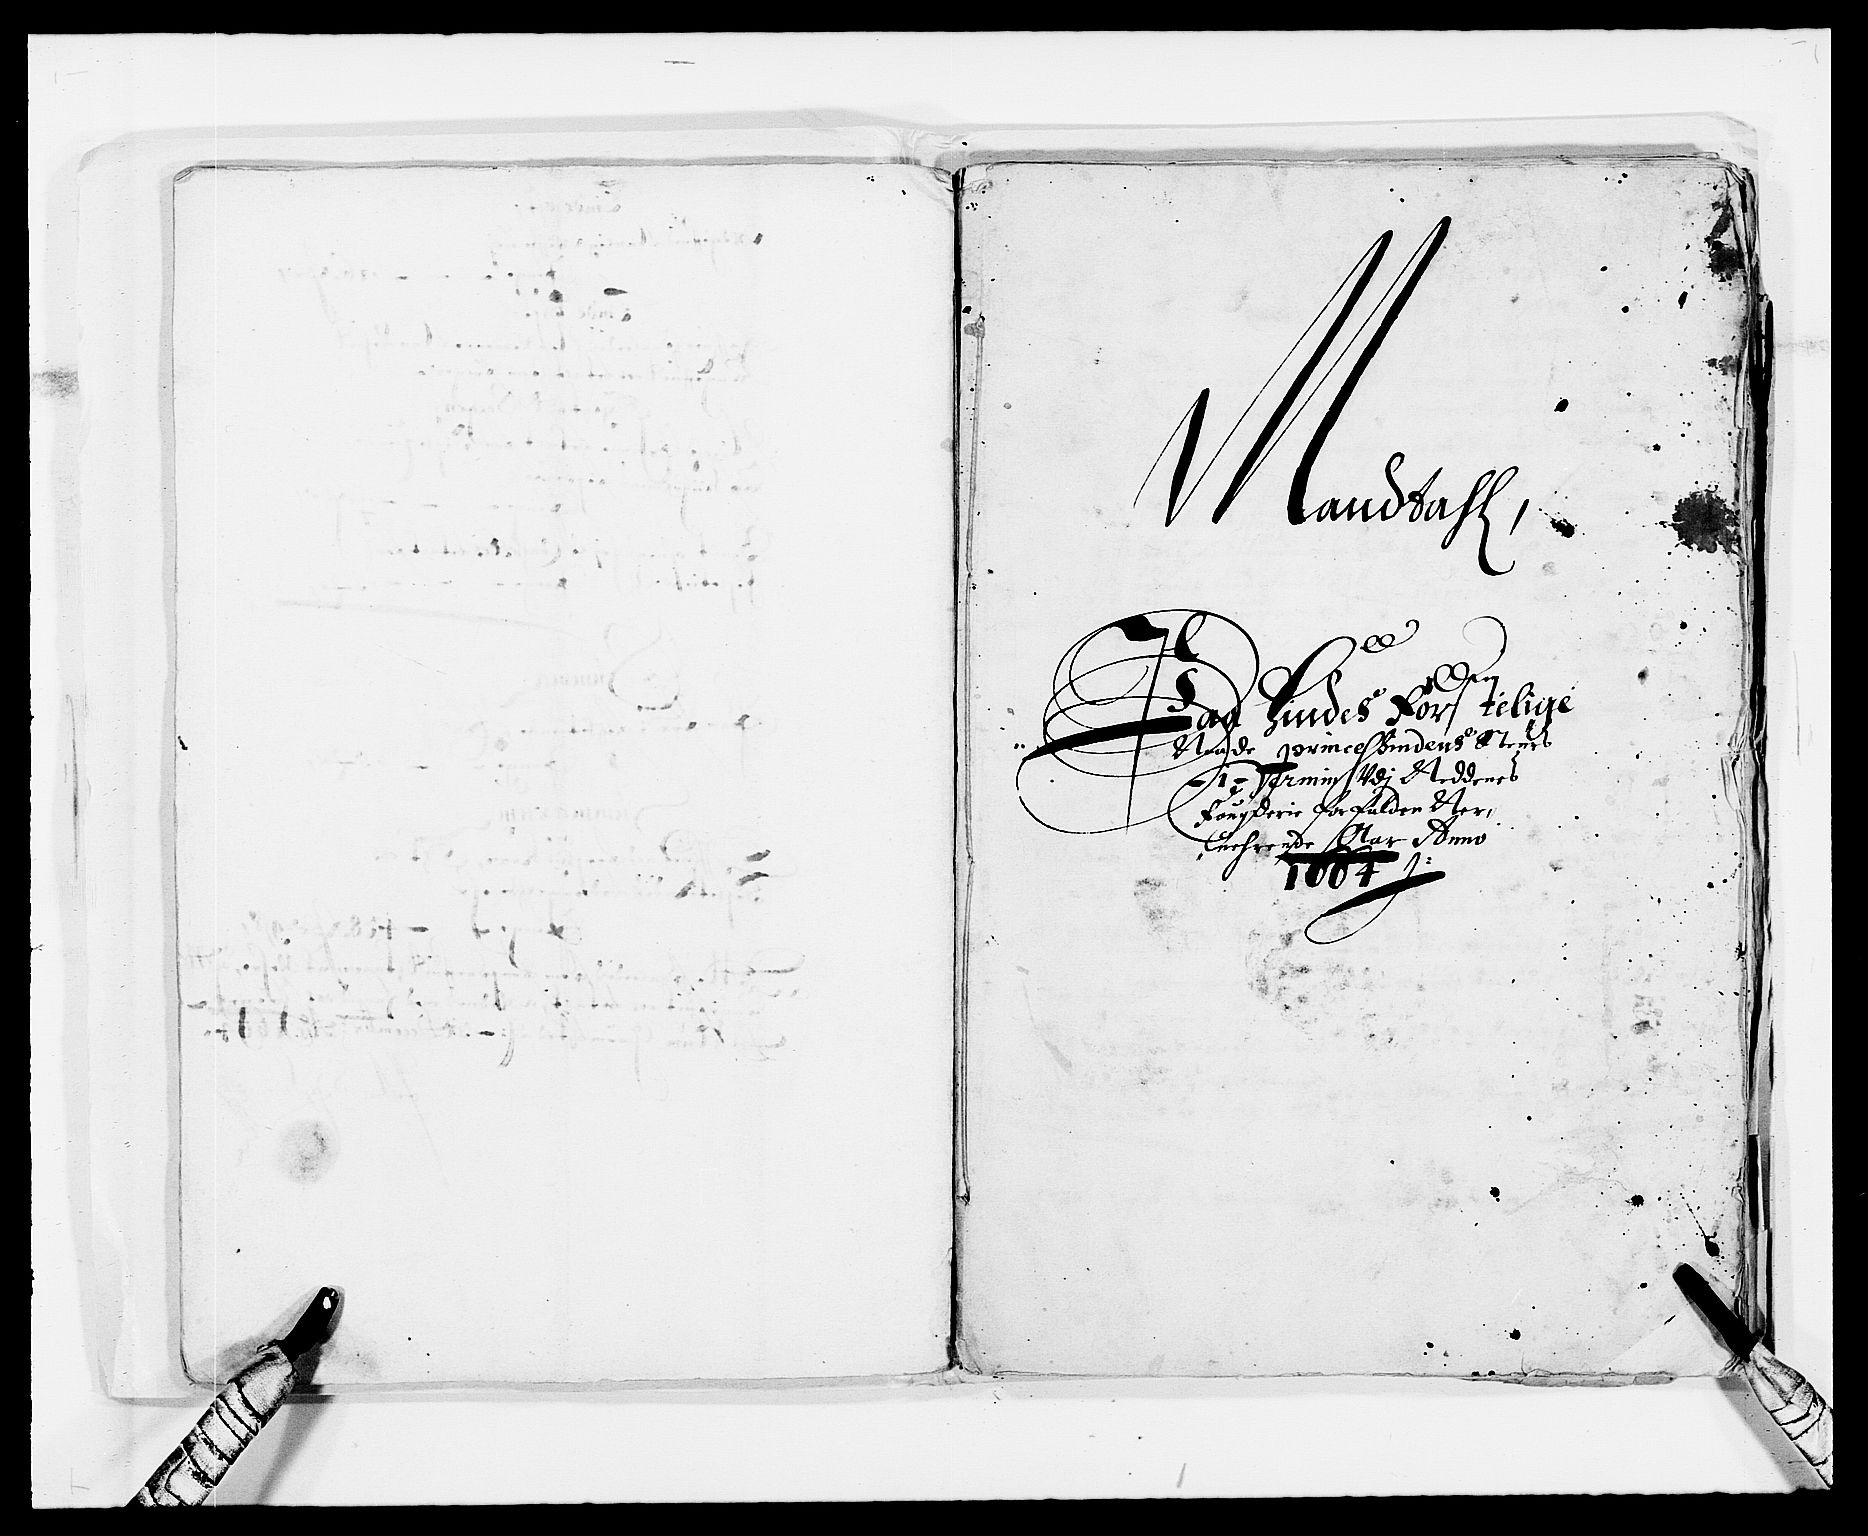 RA, Rentekammeret inntil 1814, Reviderte regnskaper, Fogderegnskap, R39/L2296: Fogderegnskap Nedenes, 1664-1666, s. 272